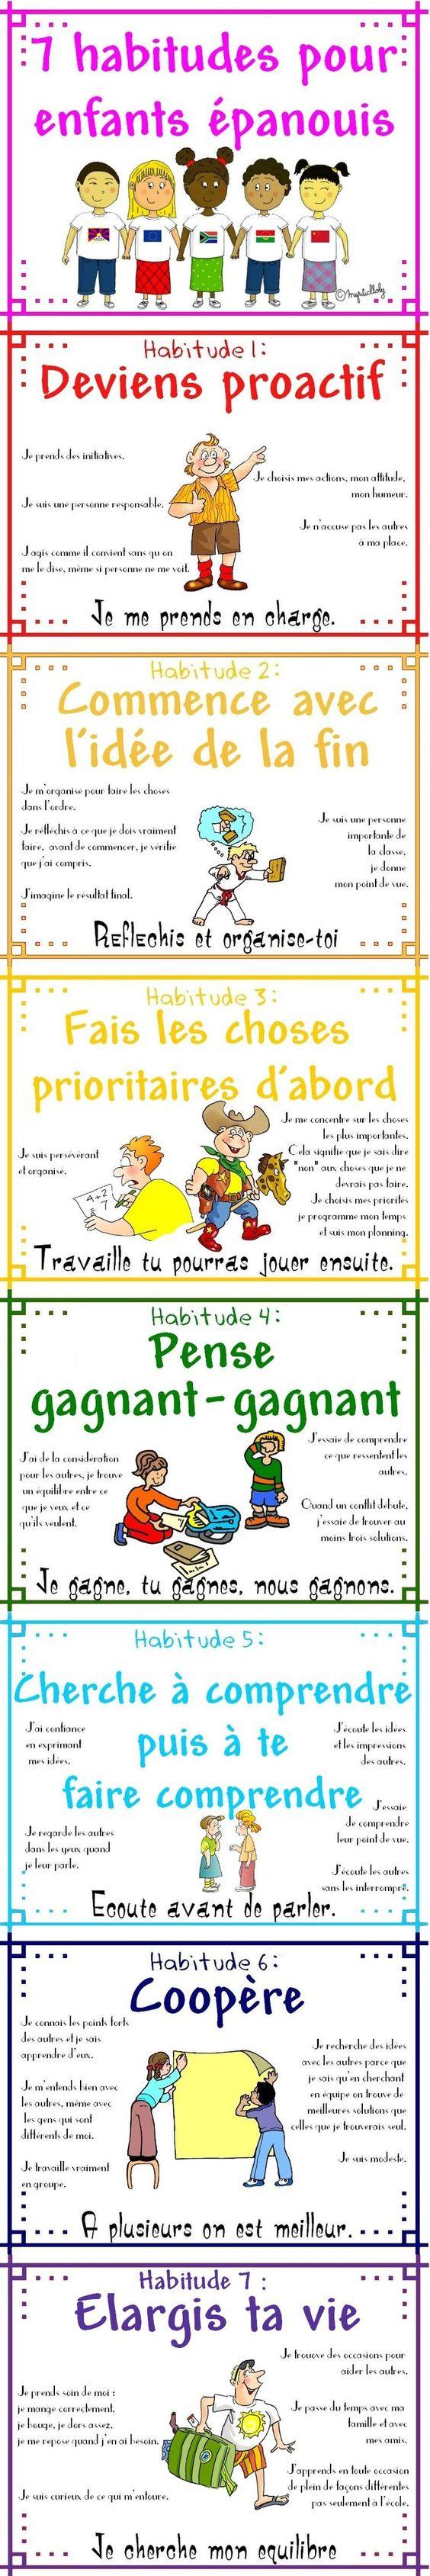 7 habitudes pour enfants épanouis (image seulement). Ca marche aussi pour les adultes !!!: